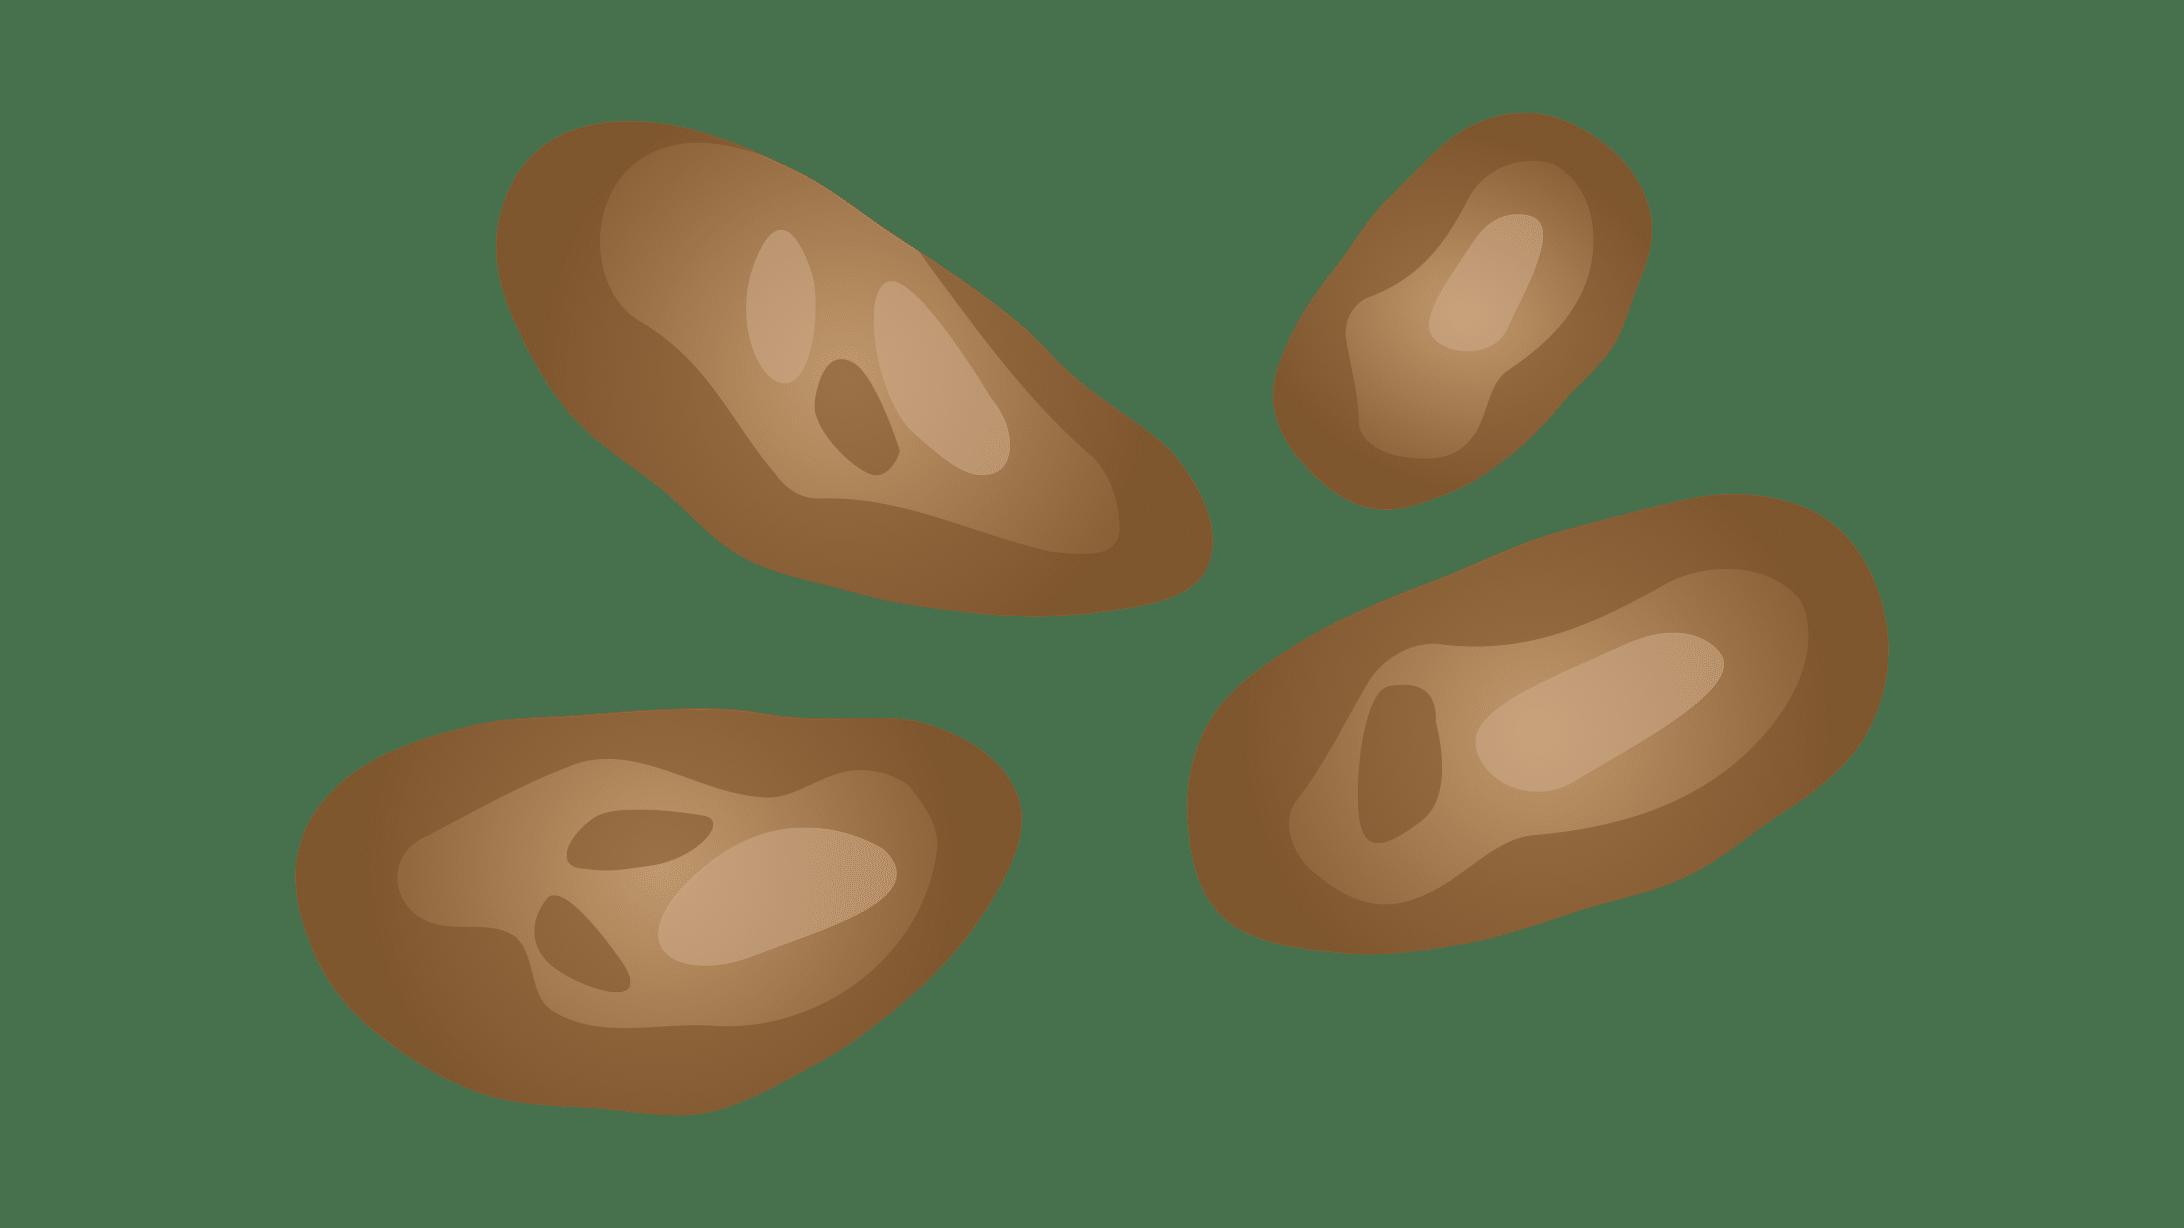 Illustration des Stuhlgang-Typ 5: Weiche Kotklümpchen